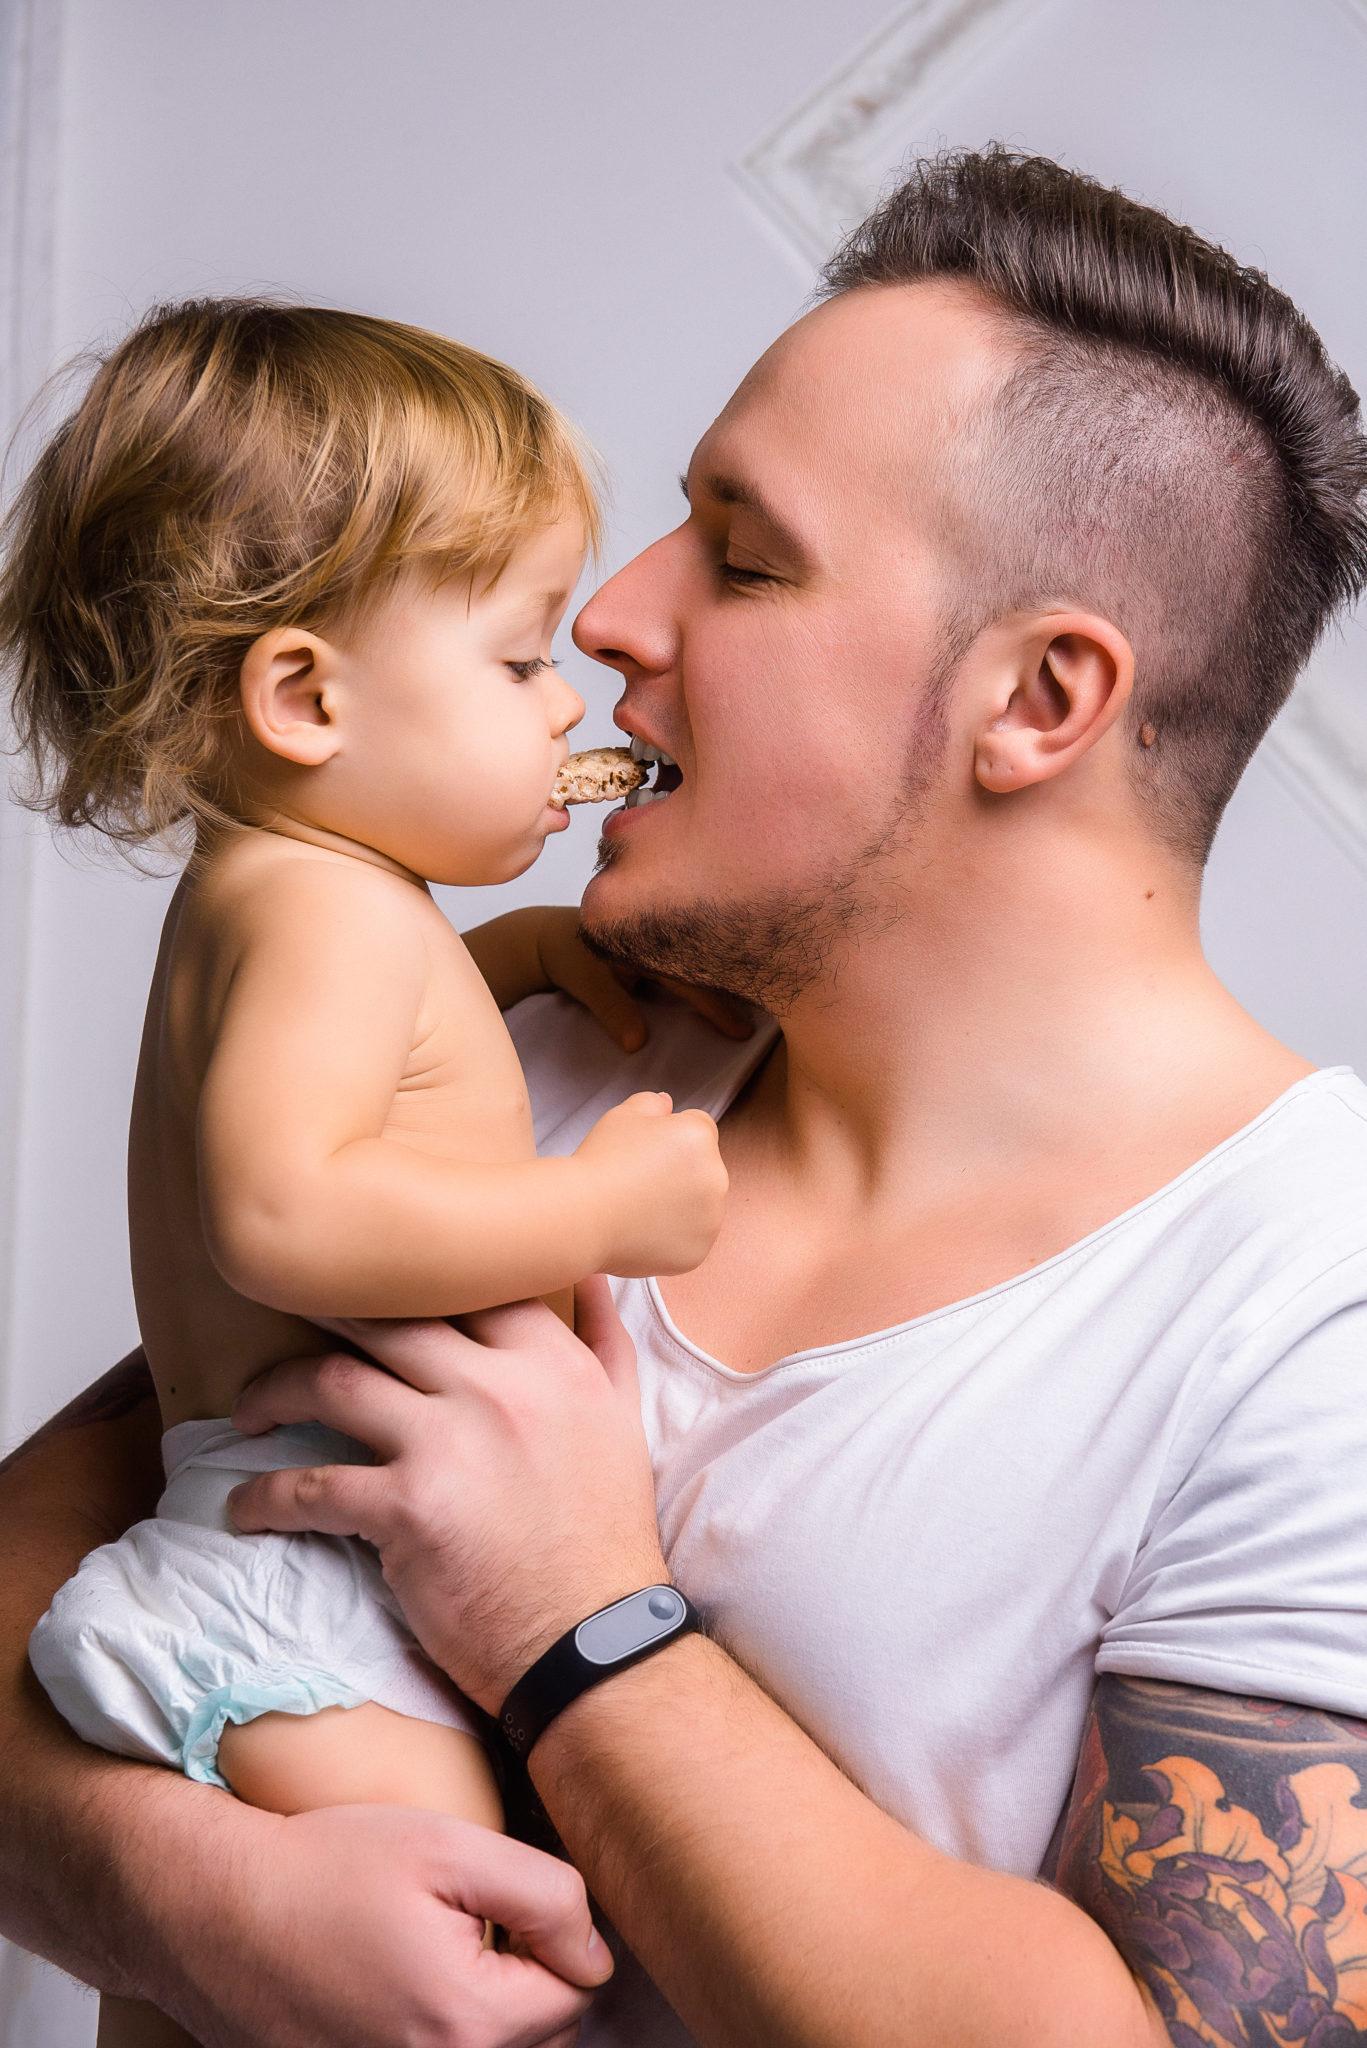 Портфолио студийная семейная фотосессия, папа с маленькой дочкой на руках на белом фоне